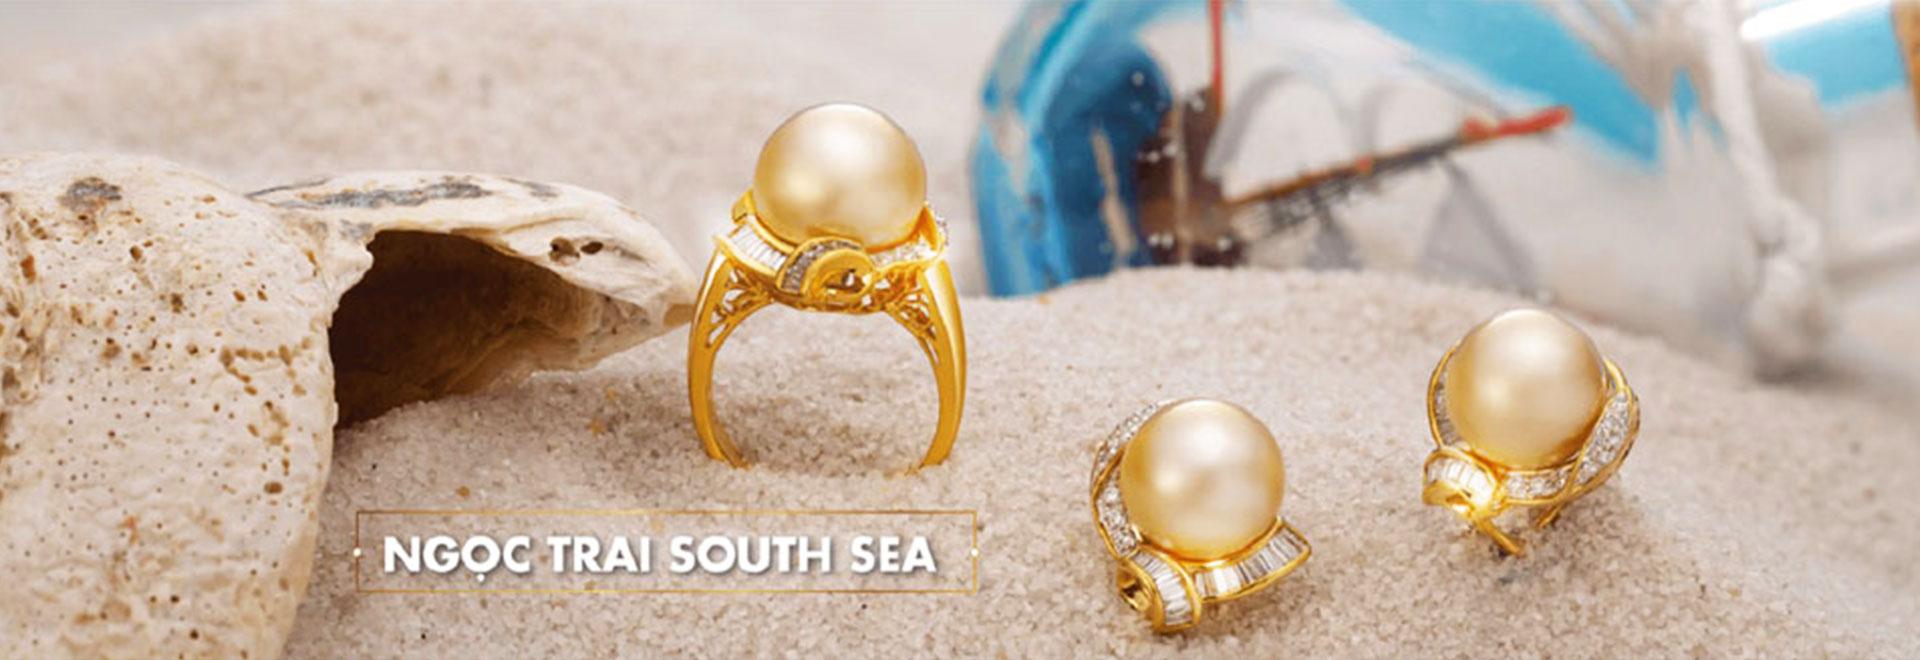 Ngọc Trai - Long Beach Pearl